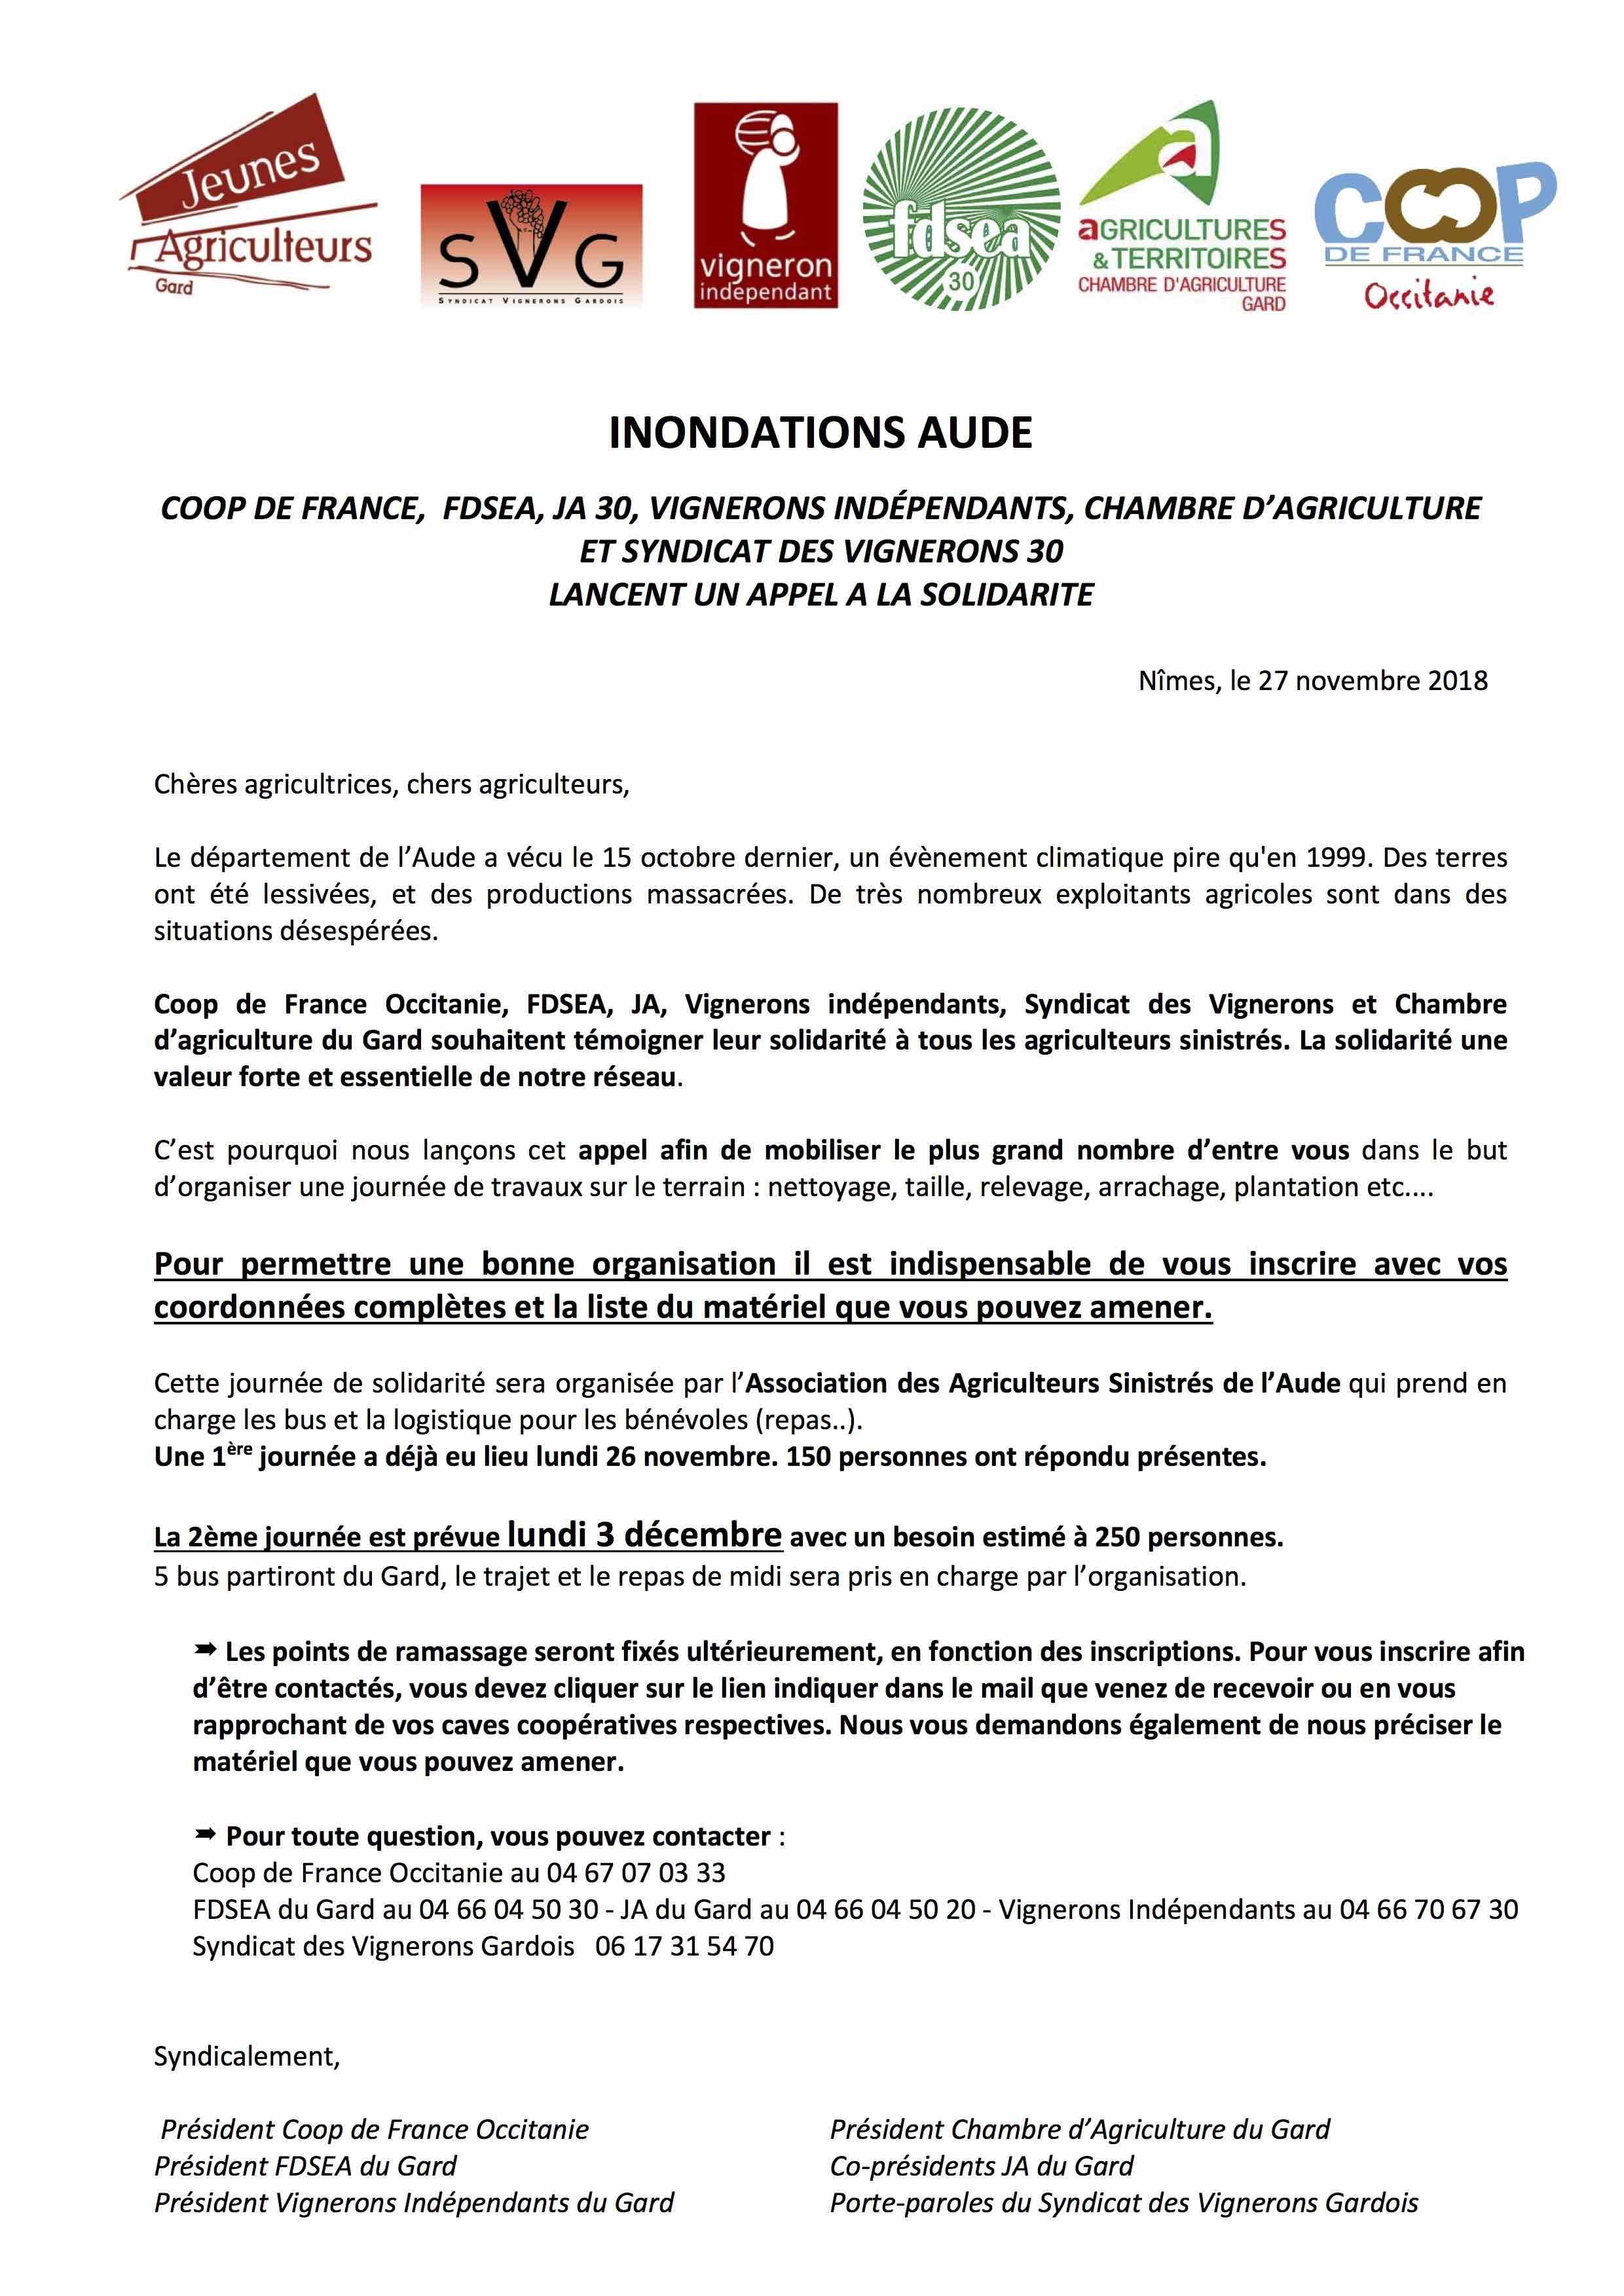 appel a la solidarité_30 Aude